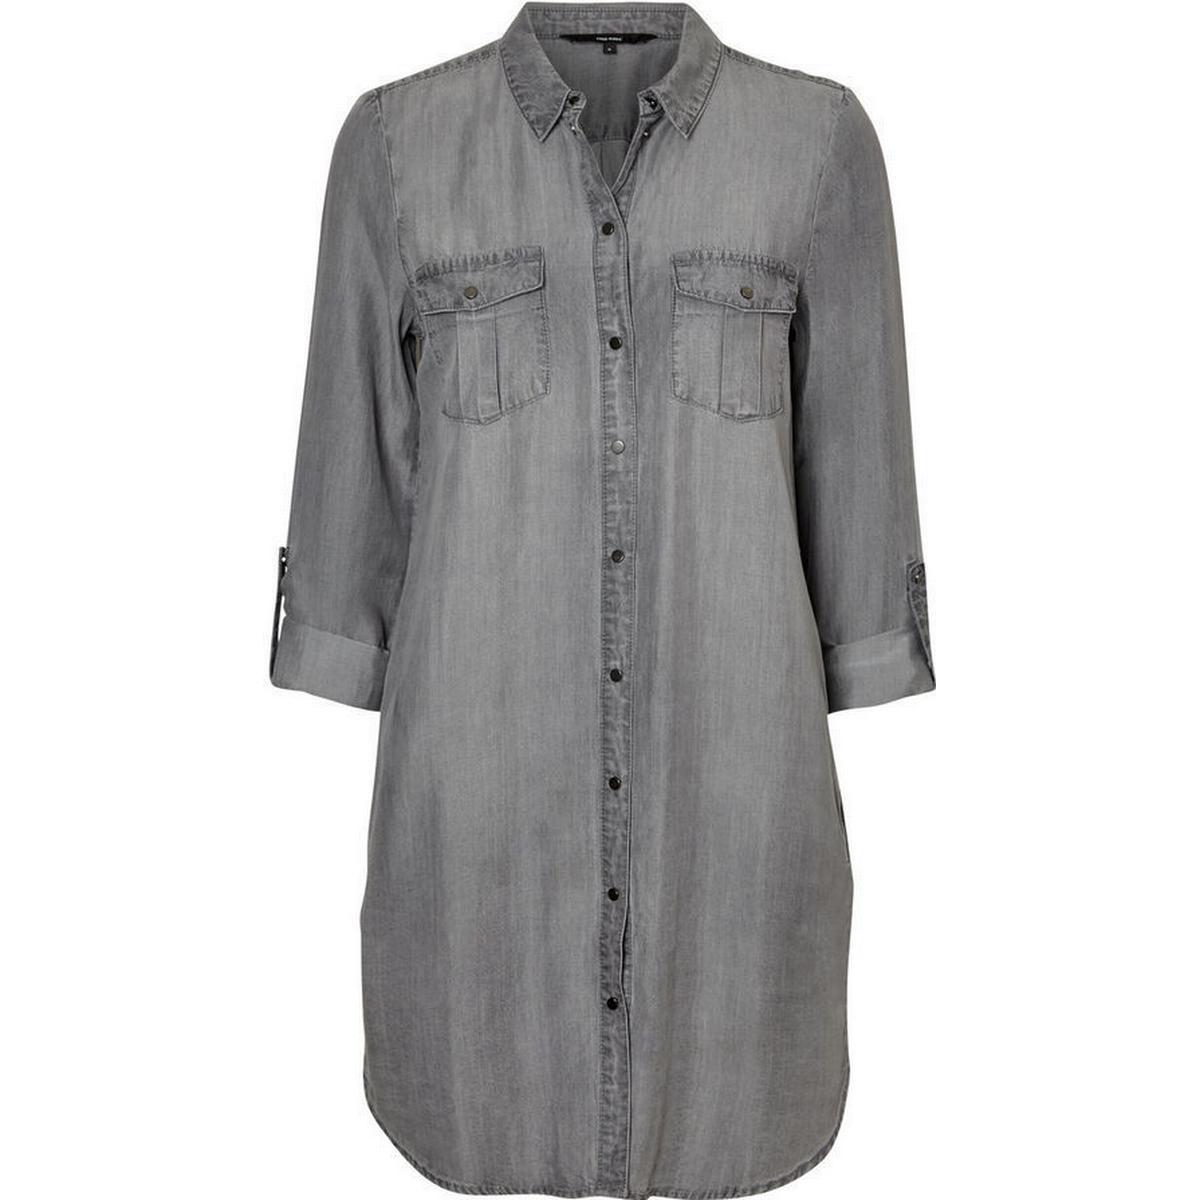 7b6661943 Vero Moda Skjortekjole Dametøj - Sammenlign priser hos PriceRunner